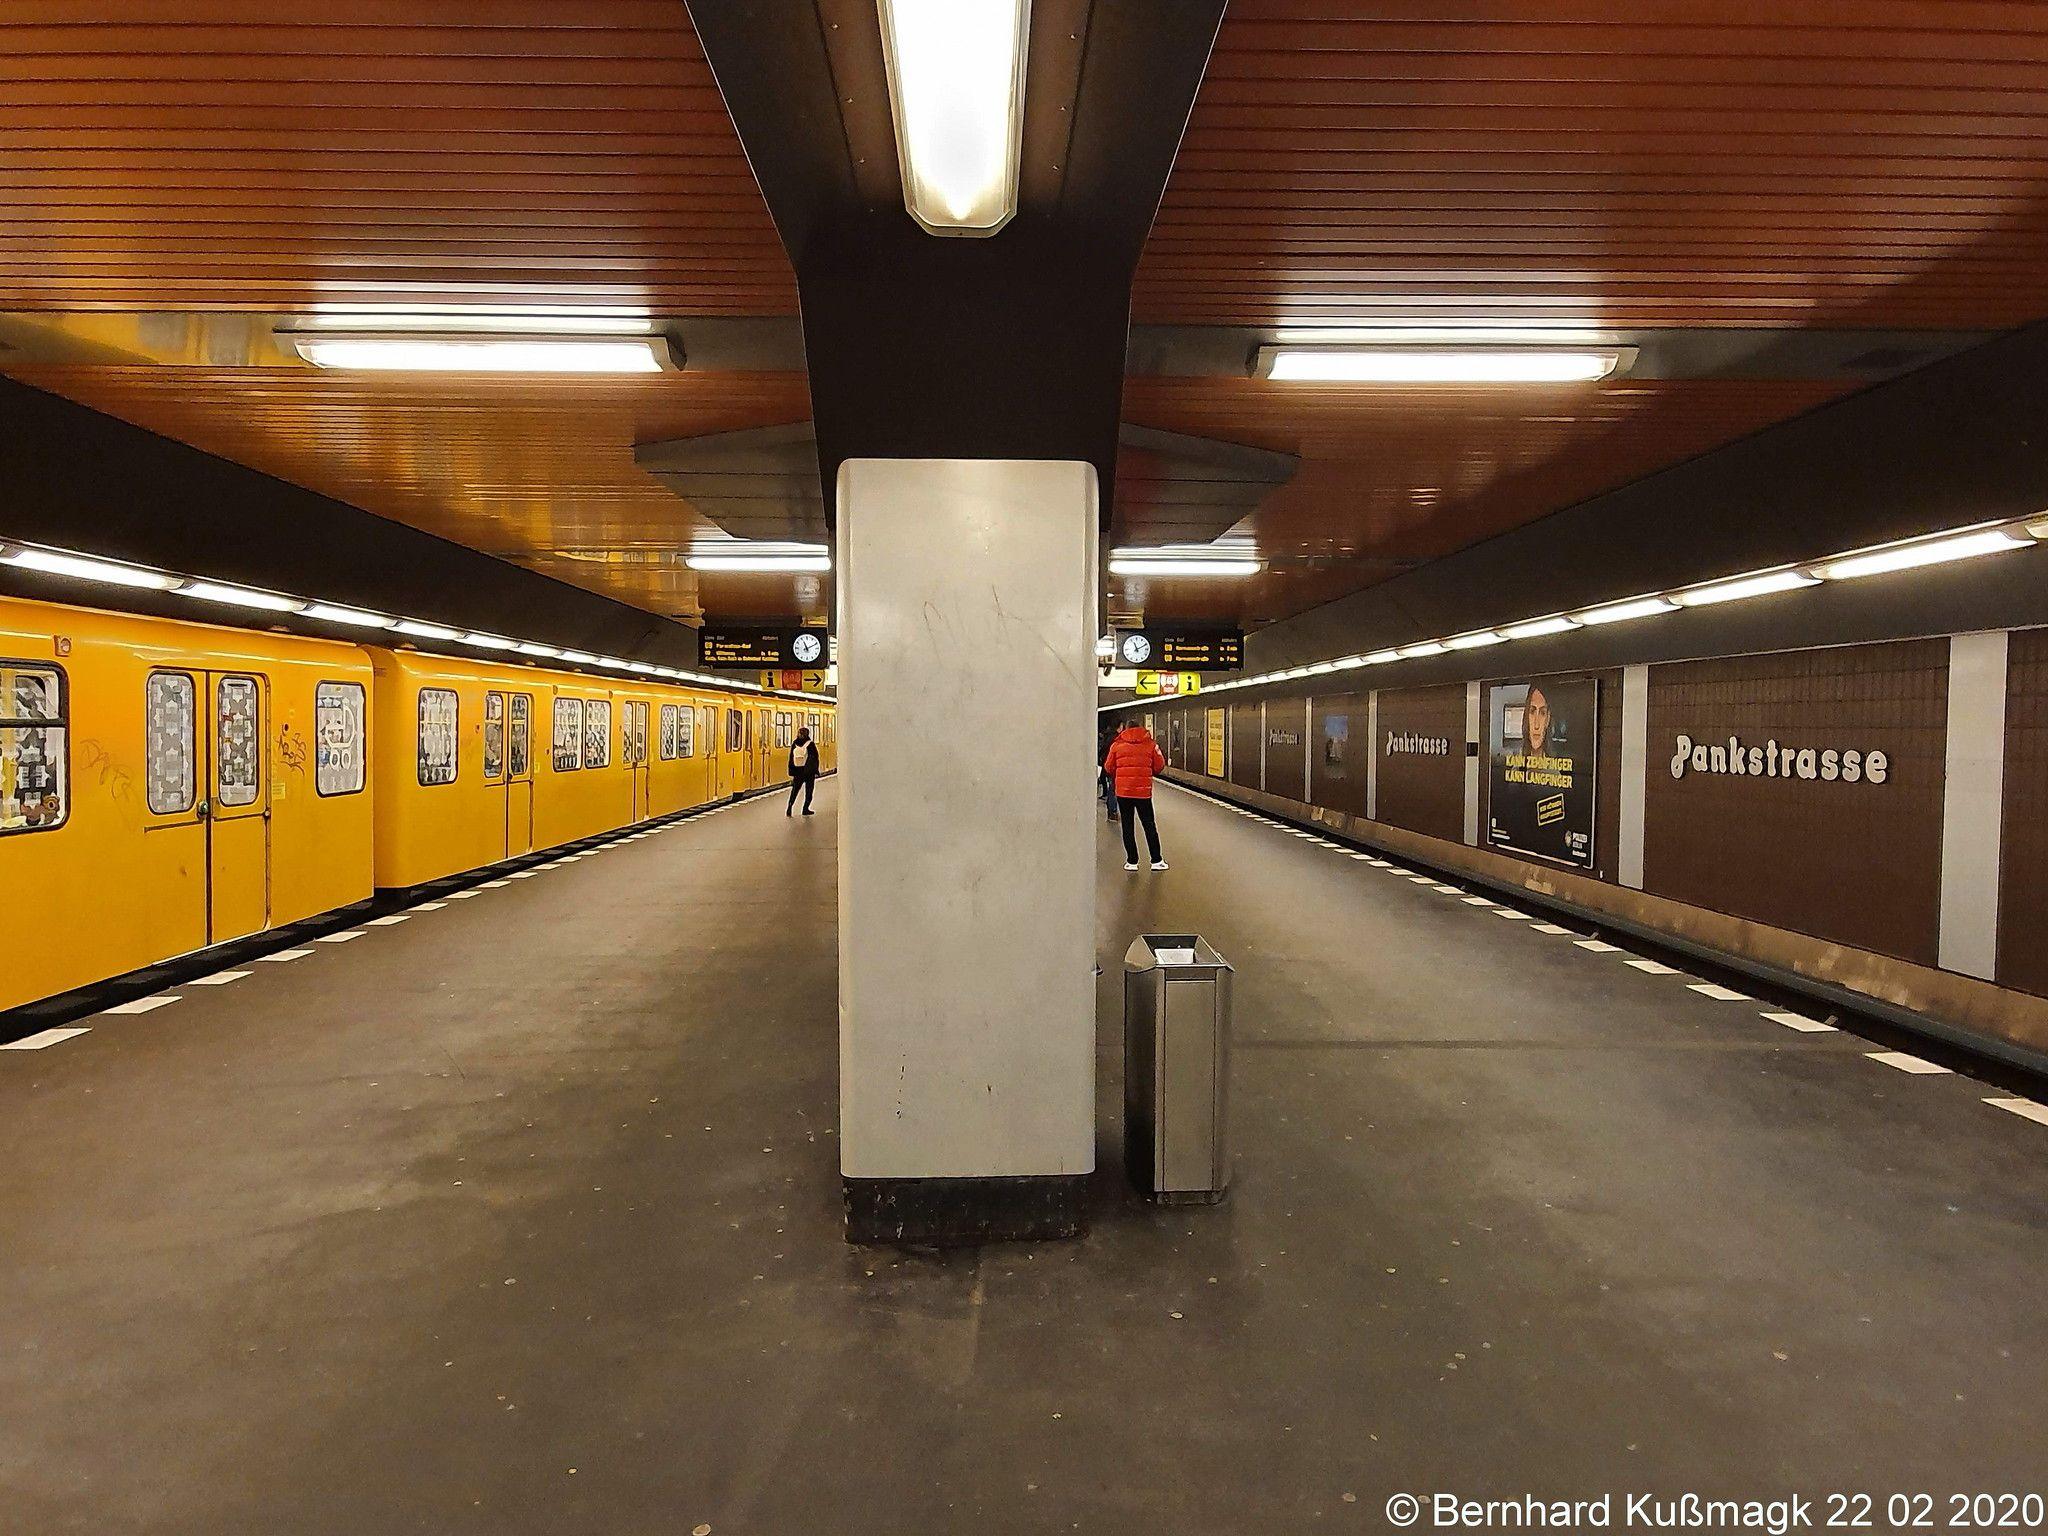 Europa Deutschland Berlin Mitte Wedding Gesundbrunnen U Bahnhof Pankstrasse U Bahn Linie U8 In 2020 Underground Subway Berlin